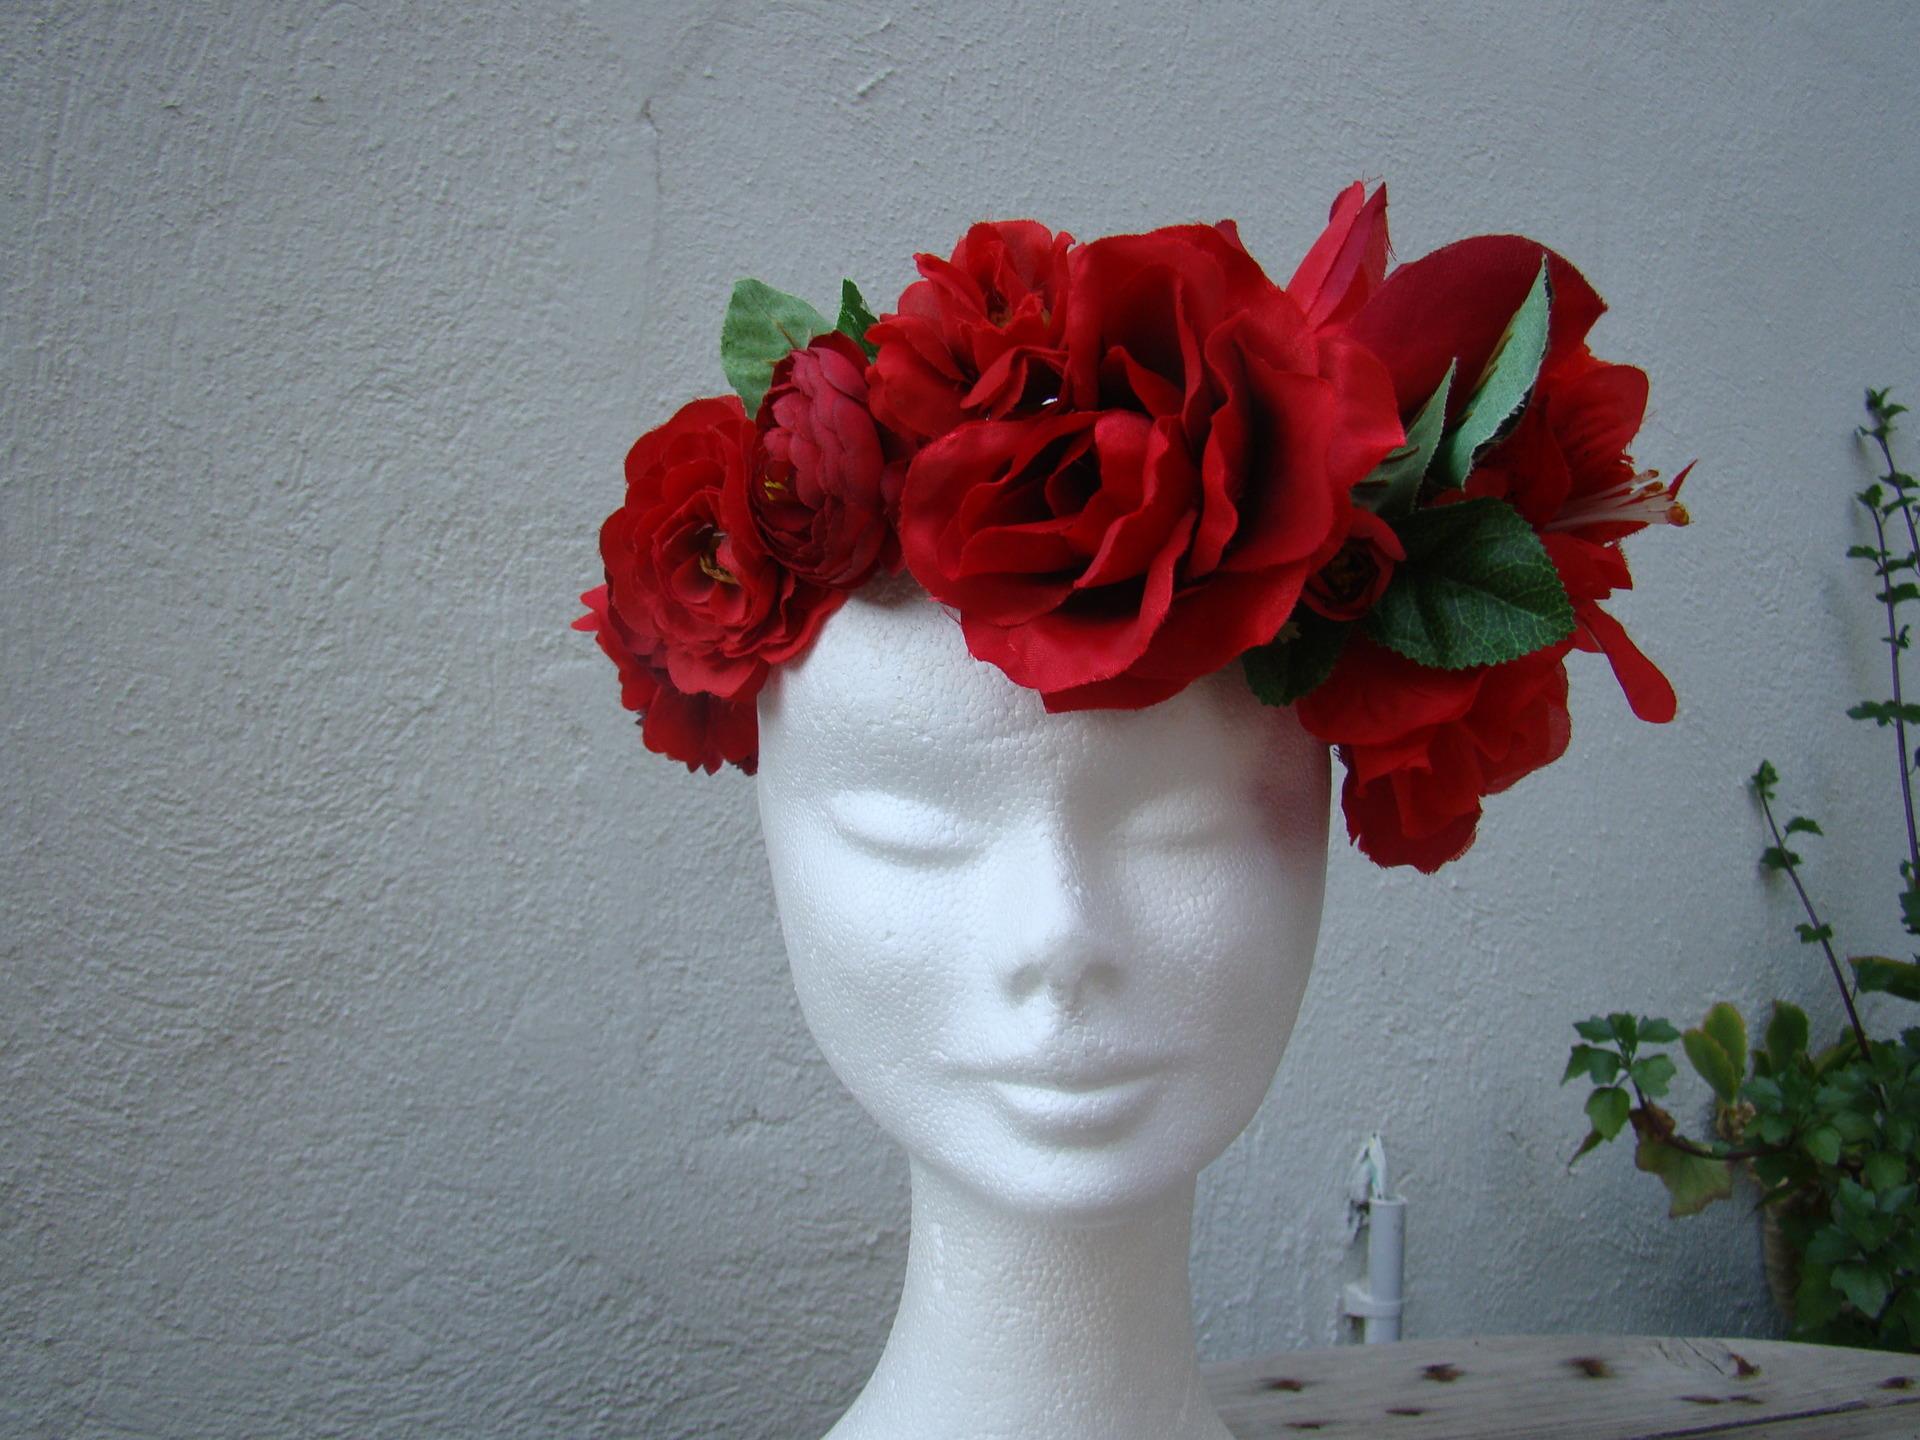 Couronne de fleurs rouge pivoine etc - Fleuriste couronne de fleurs ...